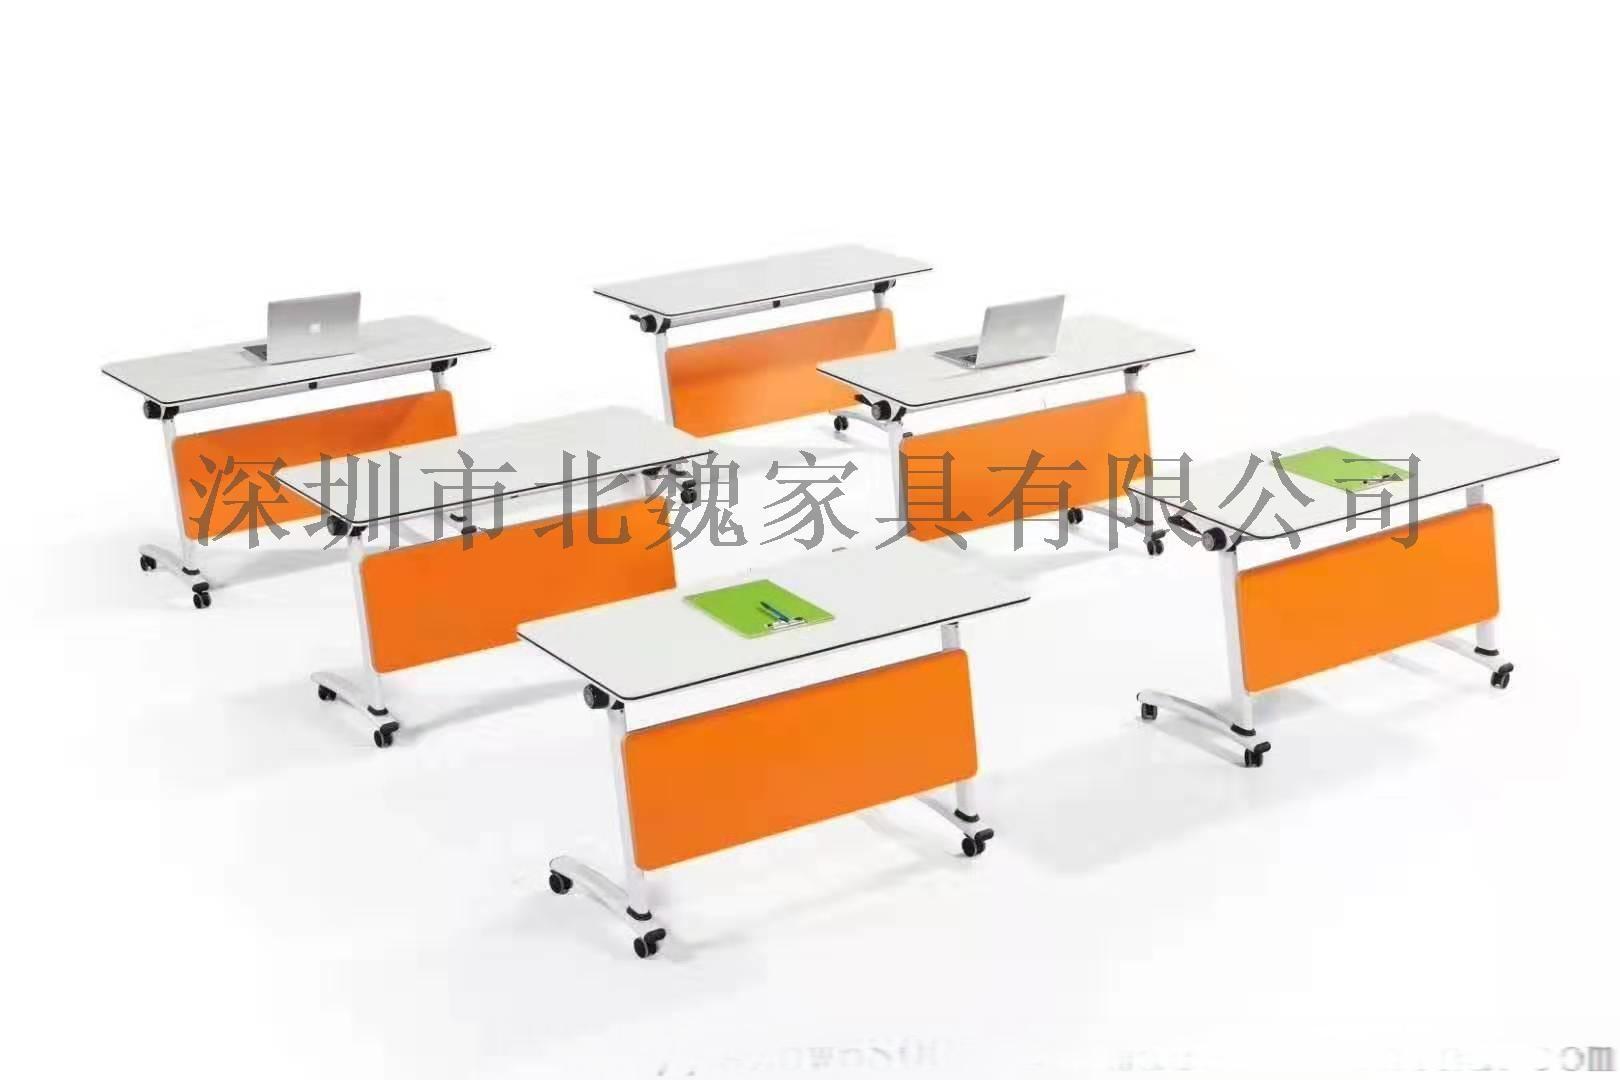 大学生课桌椅、多功能铝合金课桌椅、写字板座椅课桌、学生椅、学生课桌椅123069595